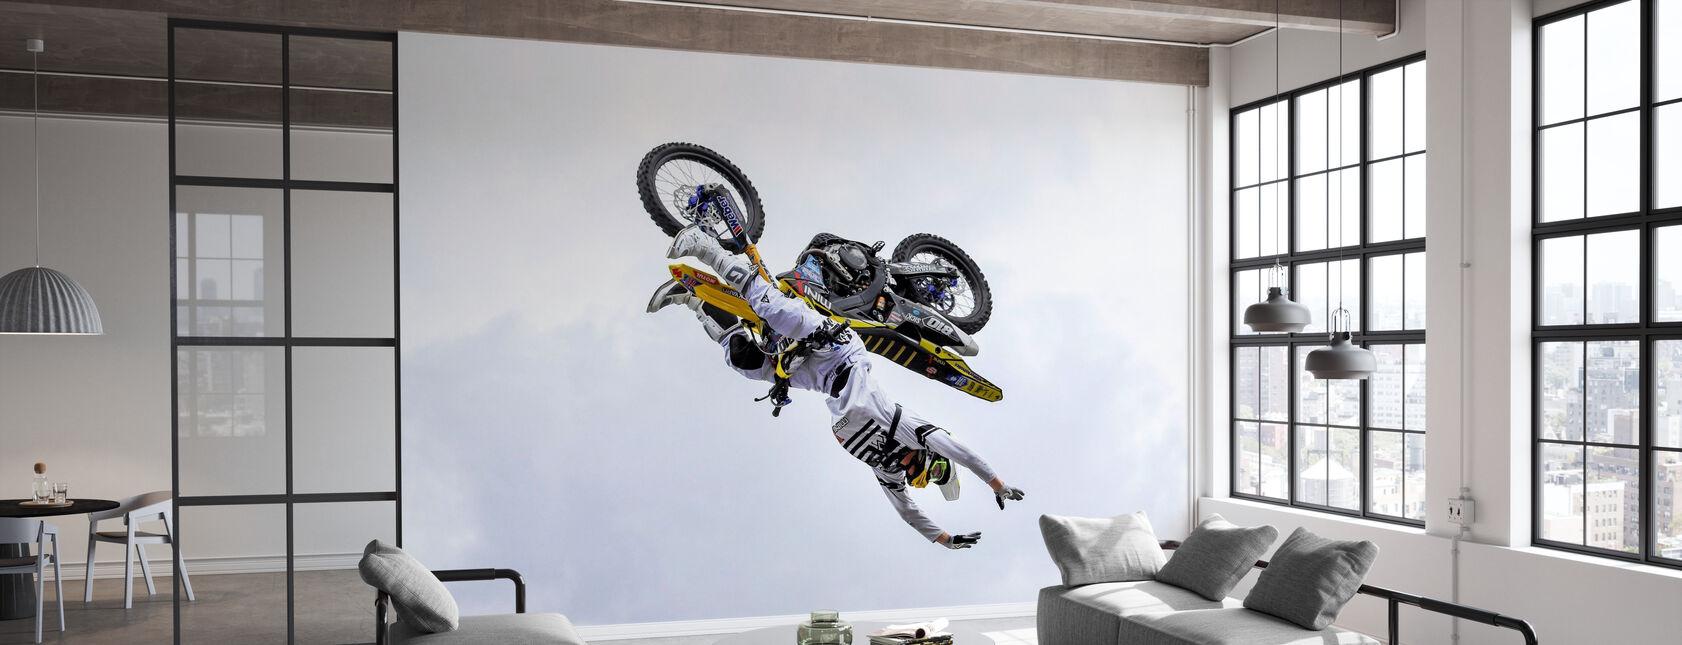 Freestyle Motocross - Tapete - Büro